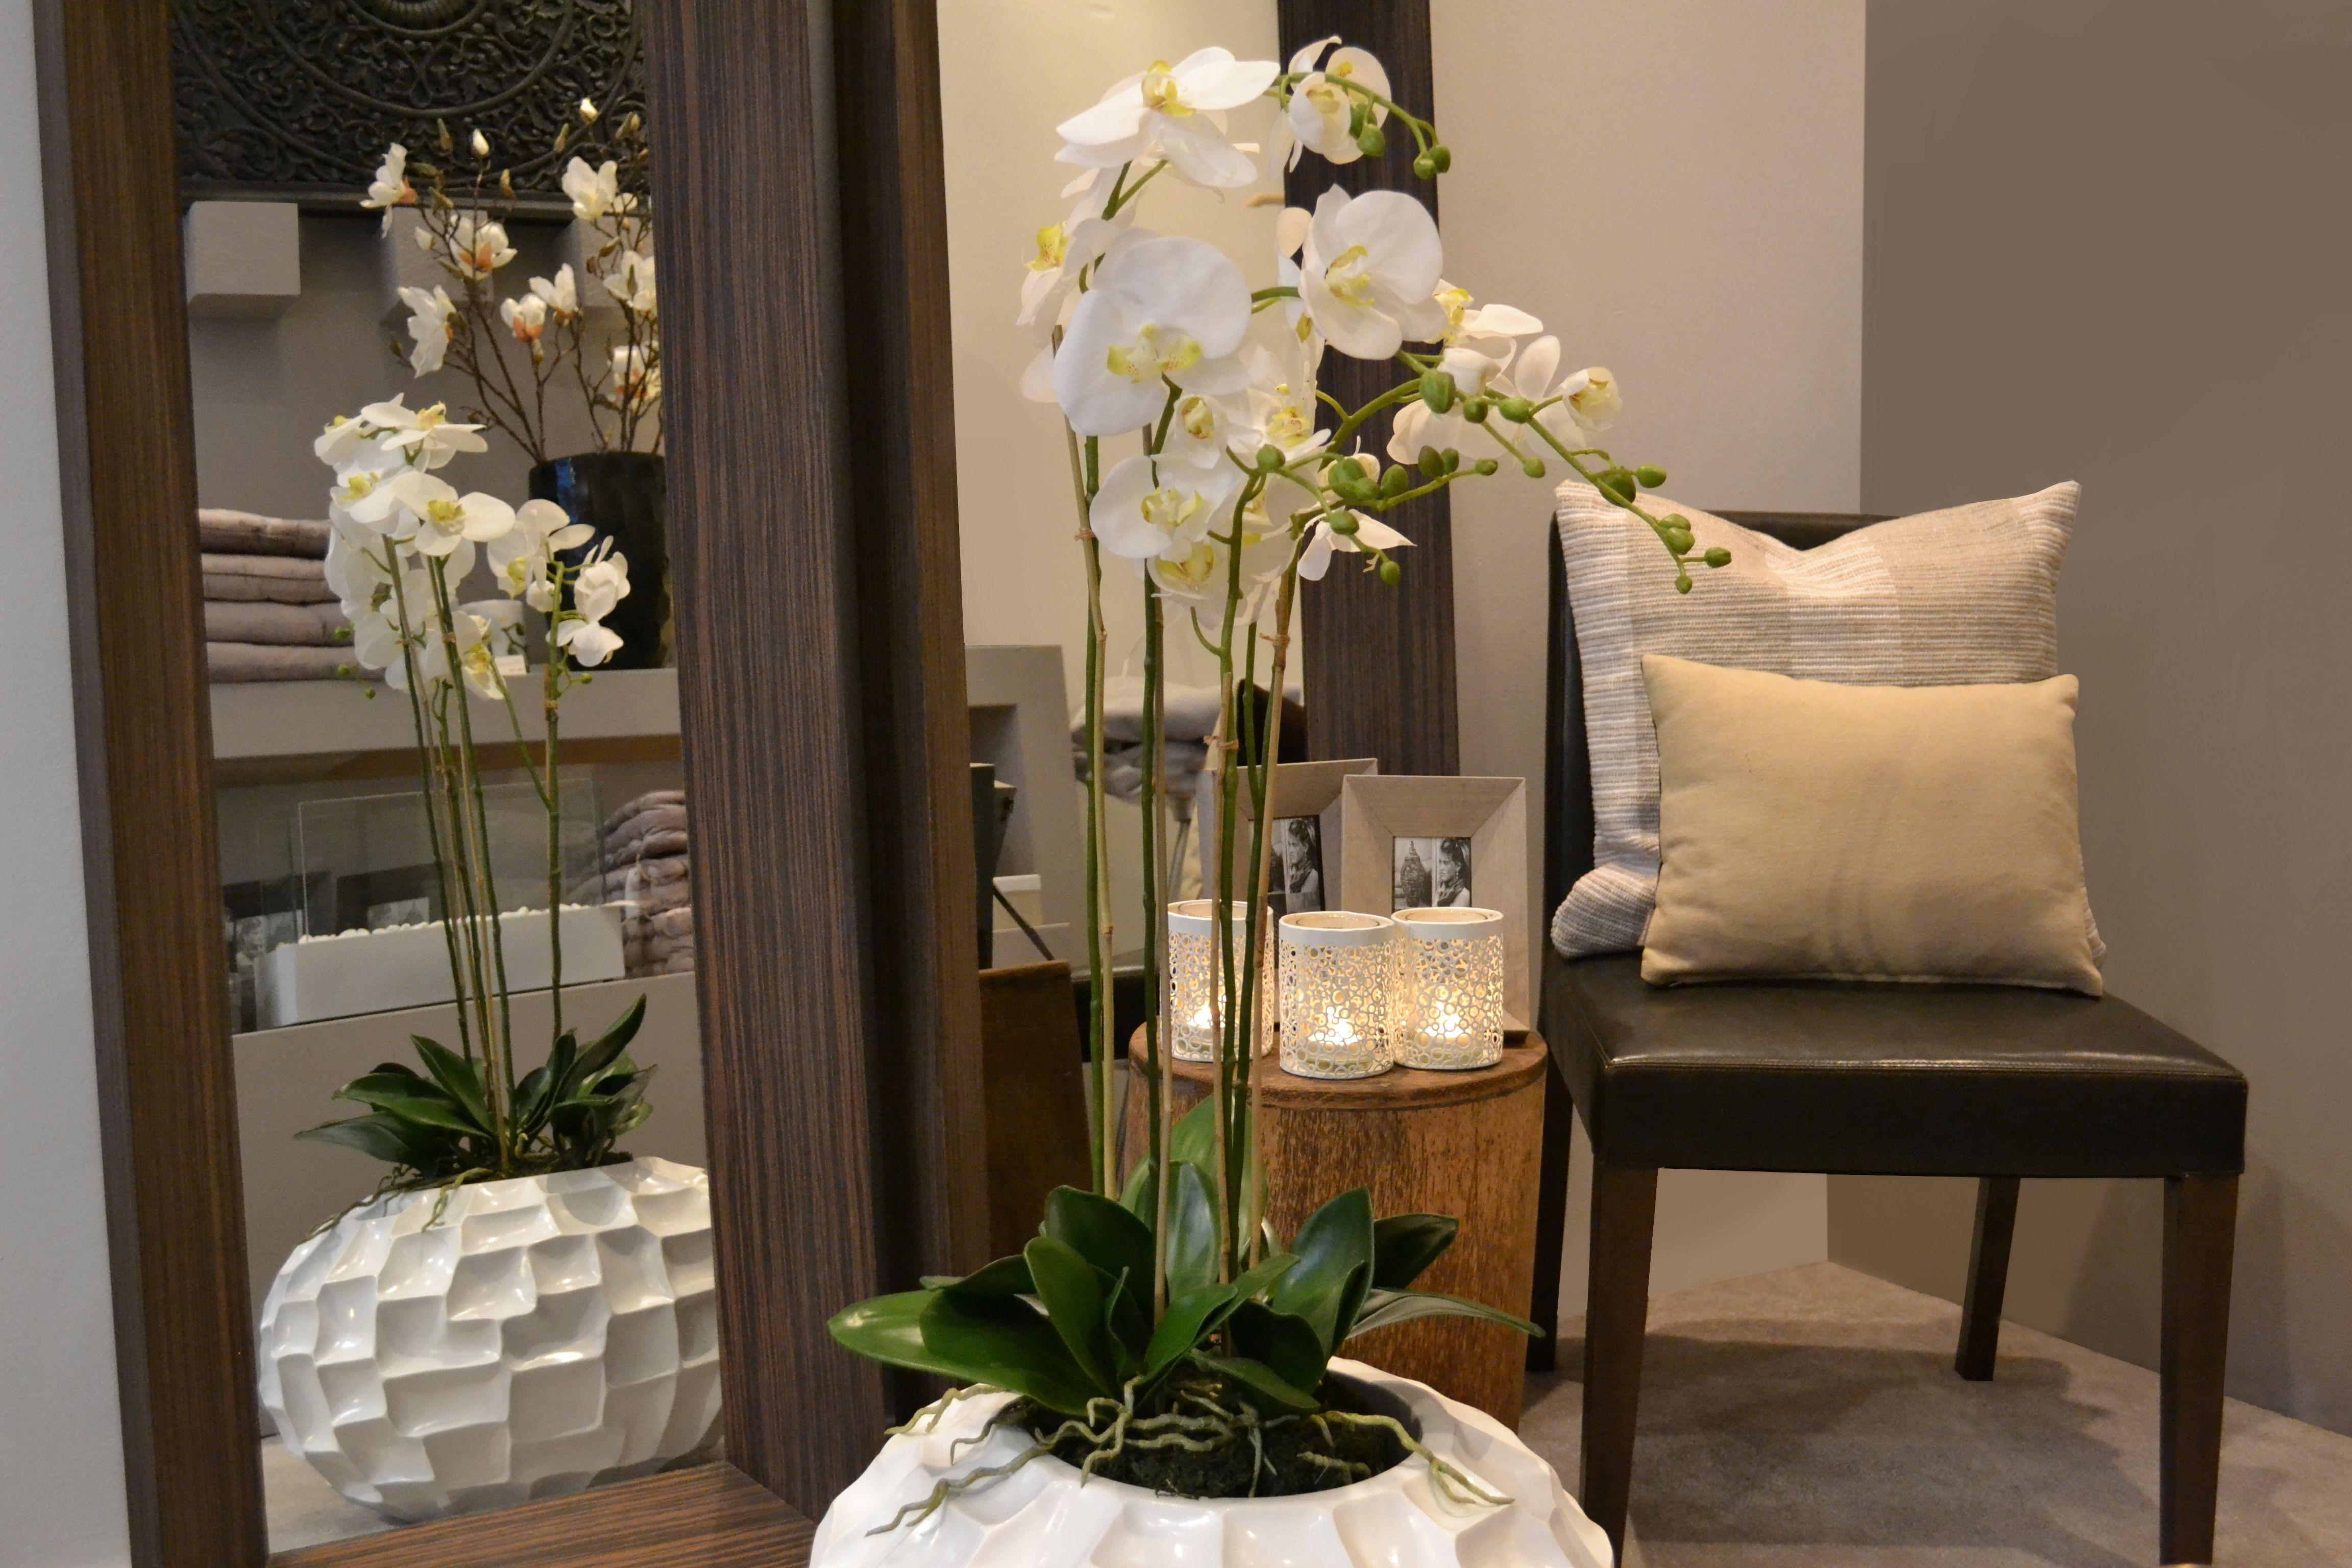 Innenarchitektur wohnzimmer lila ptmd spiegels  spiegels  pinterest